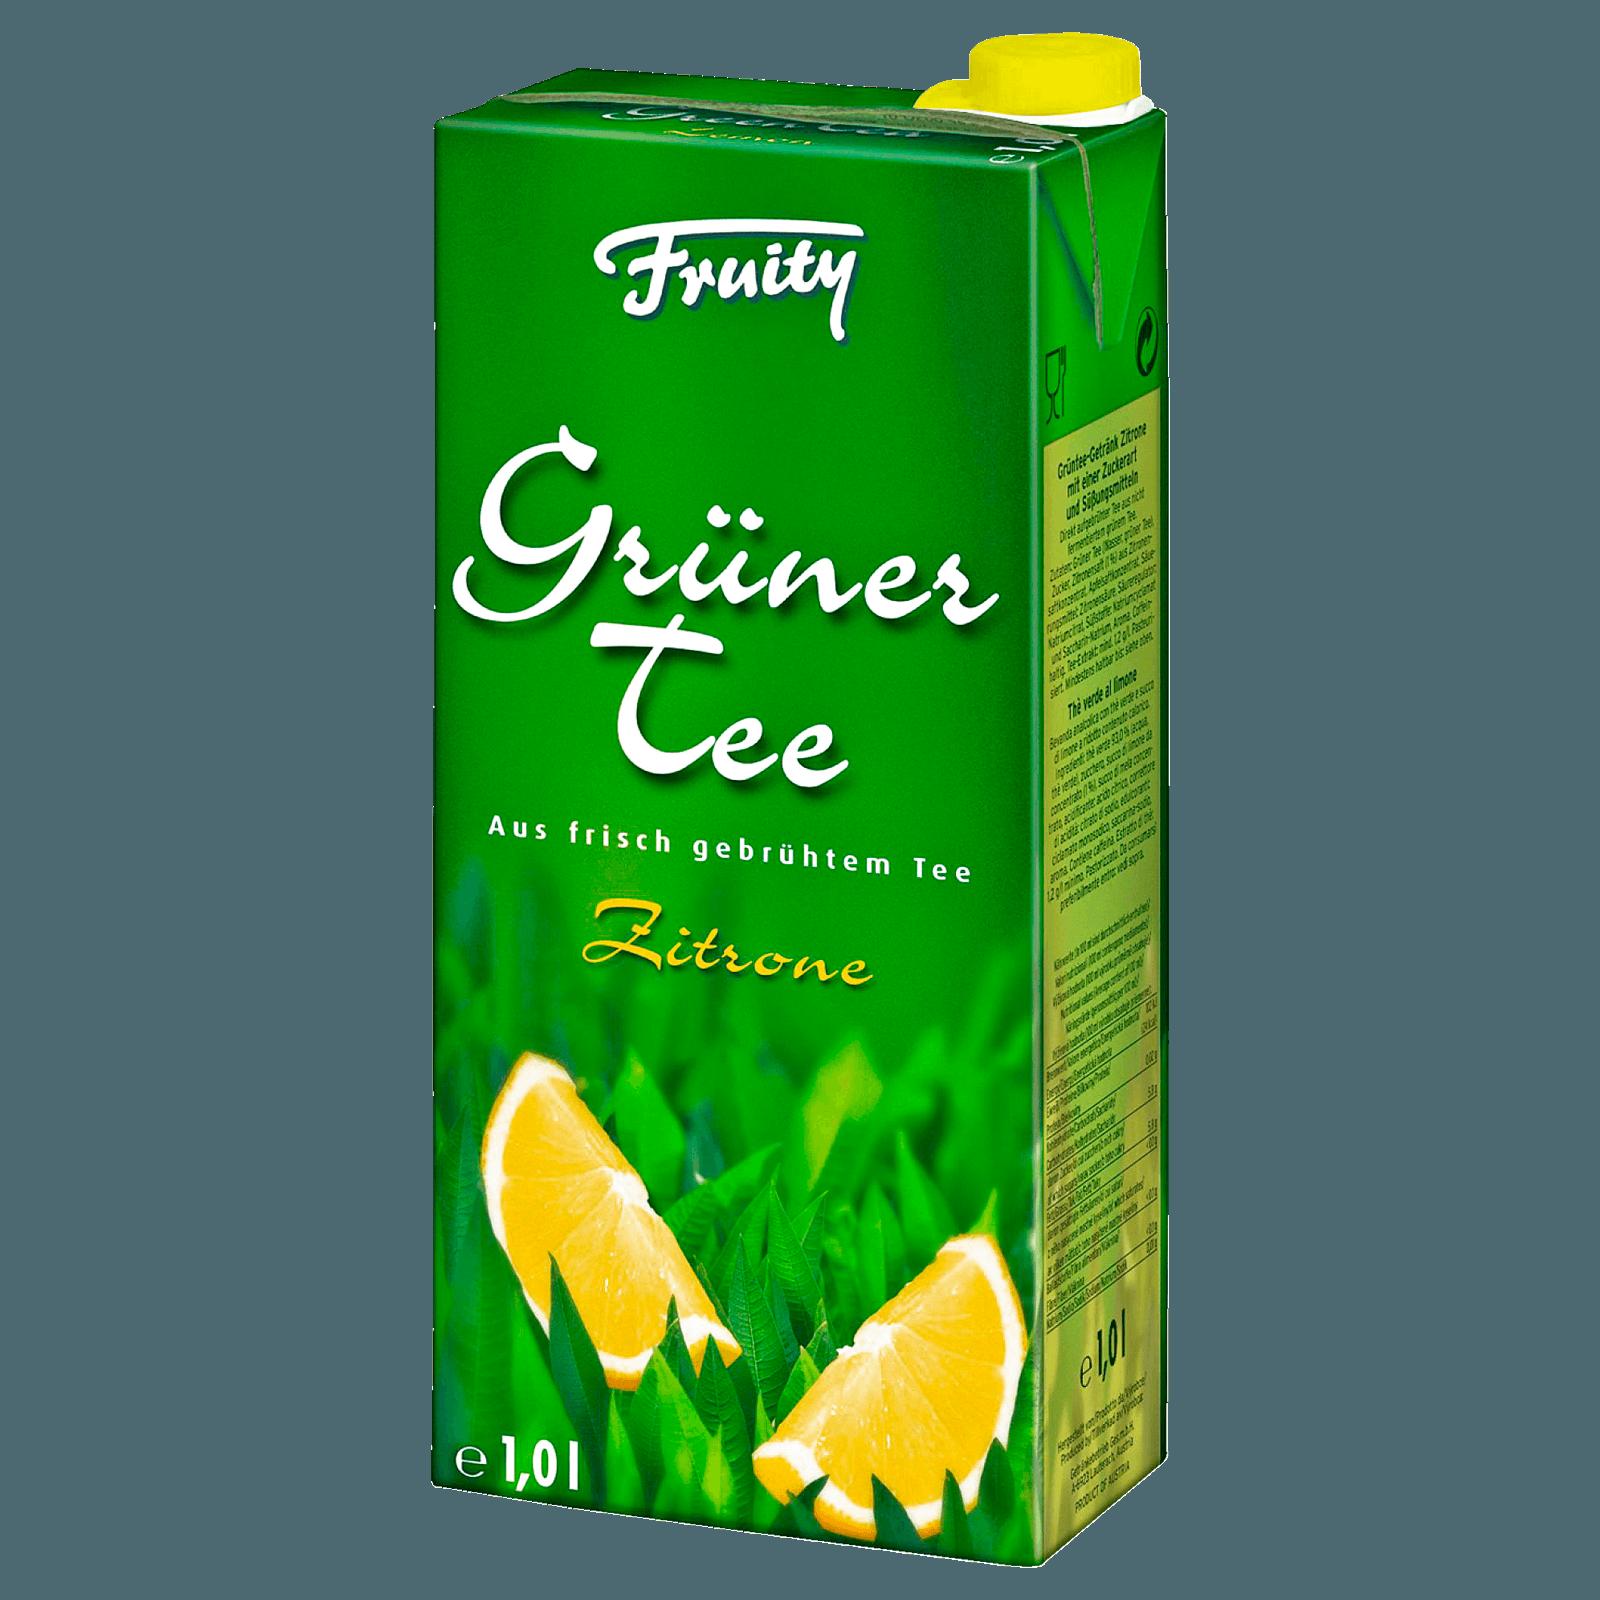 Grüner Tee mit Zitrone zum Abnehmen